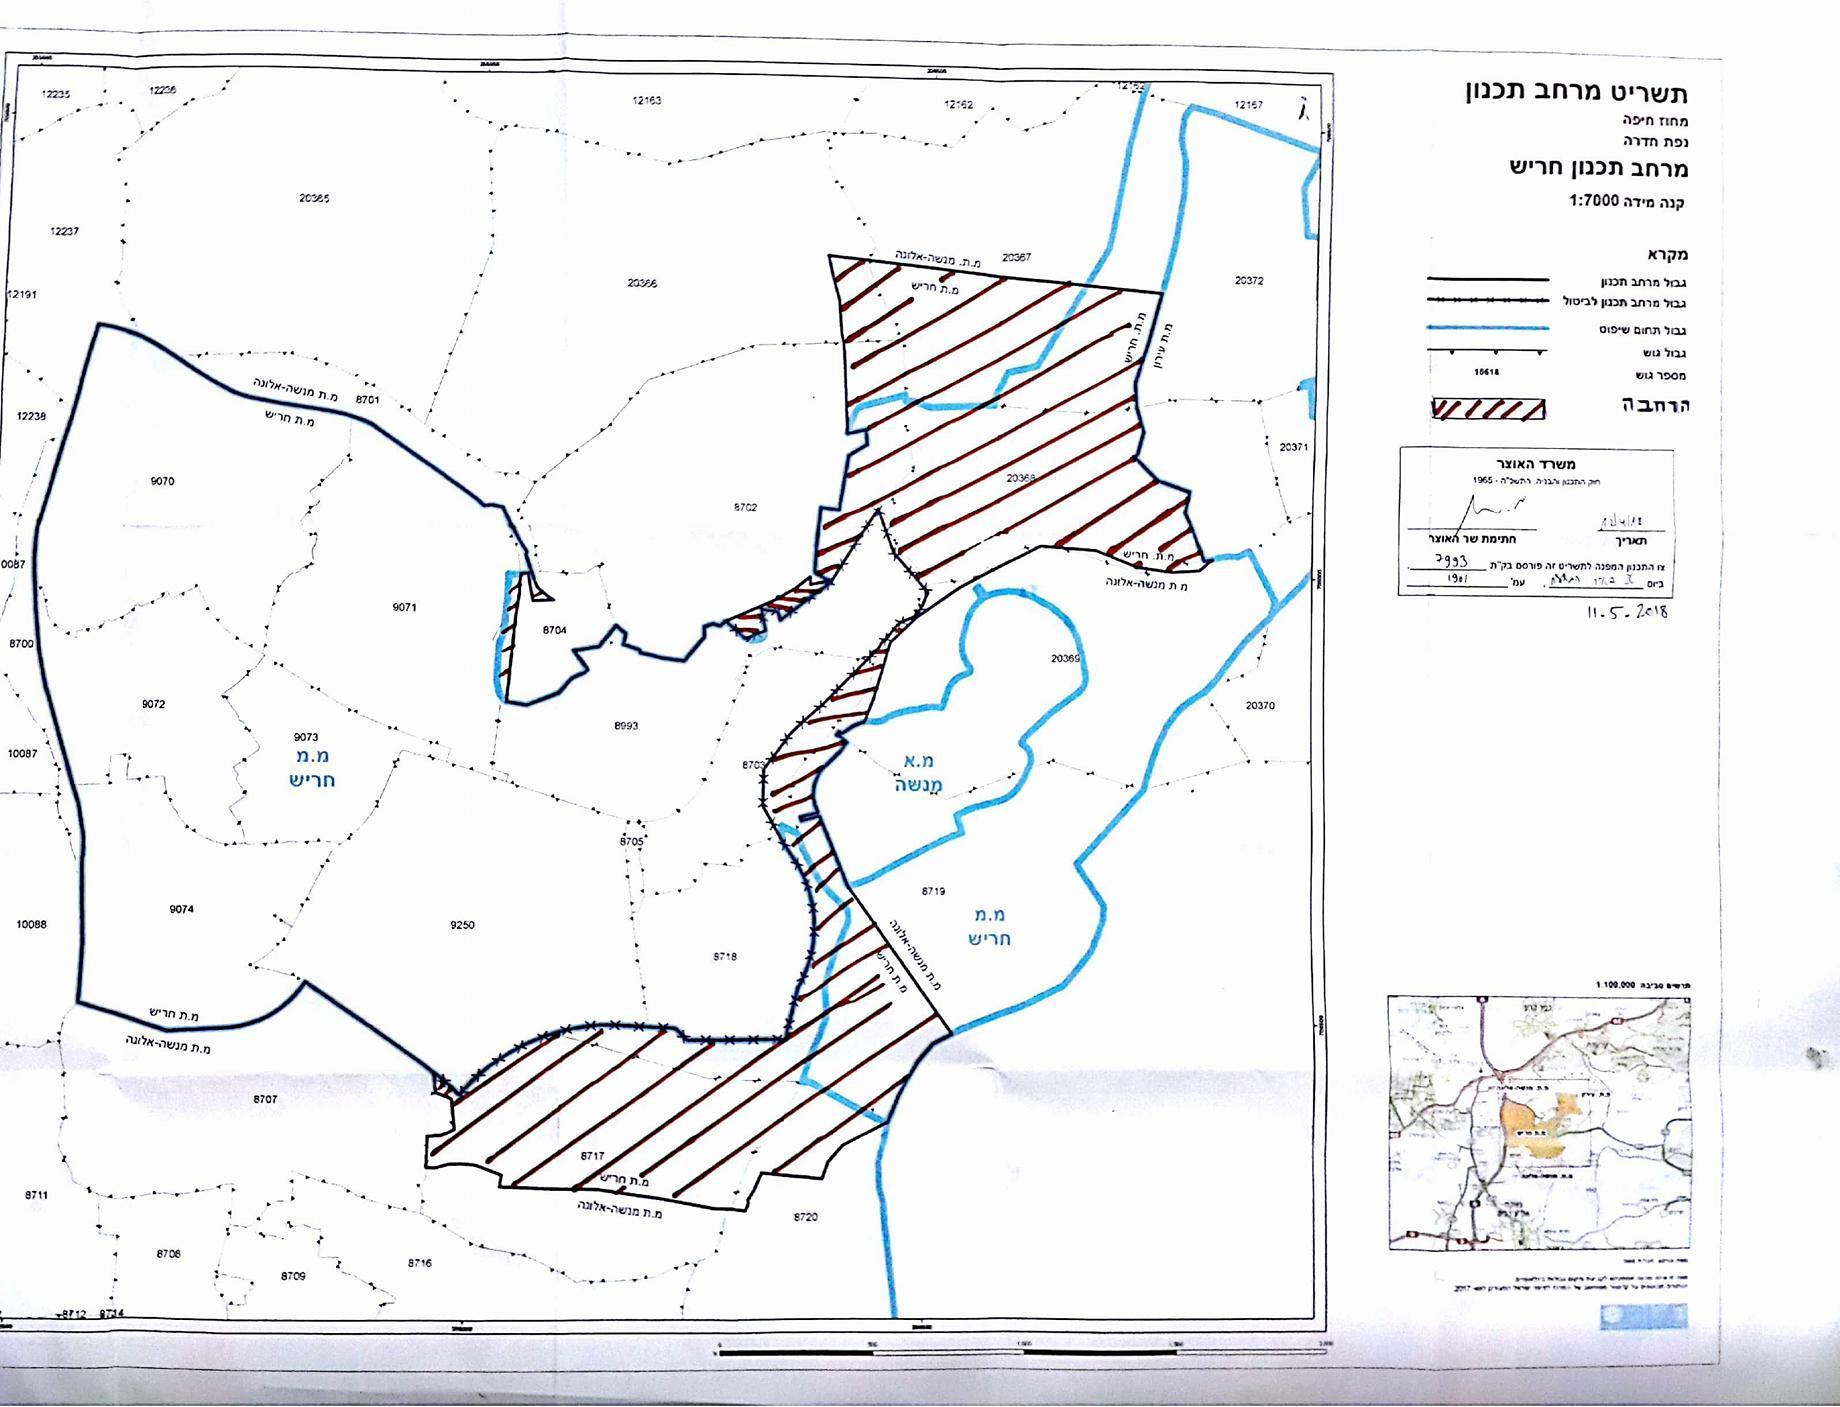 ملحم: تطور حريش يهدد التطور الطبيعي للبلدات العربية في وادي عارة